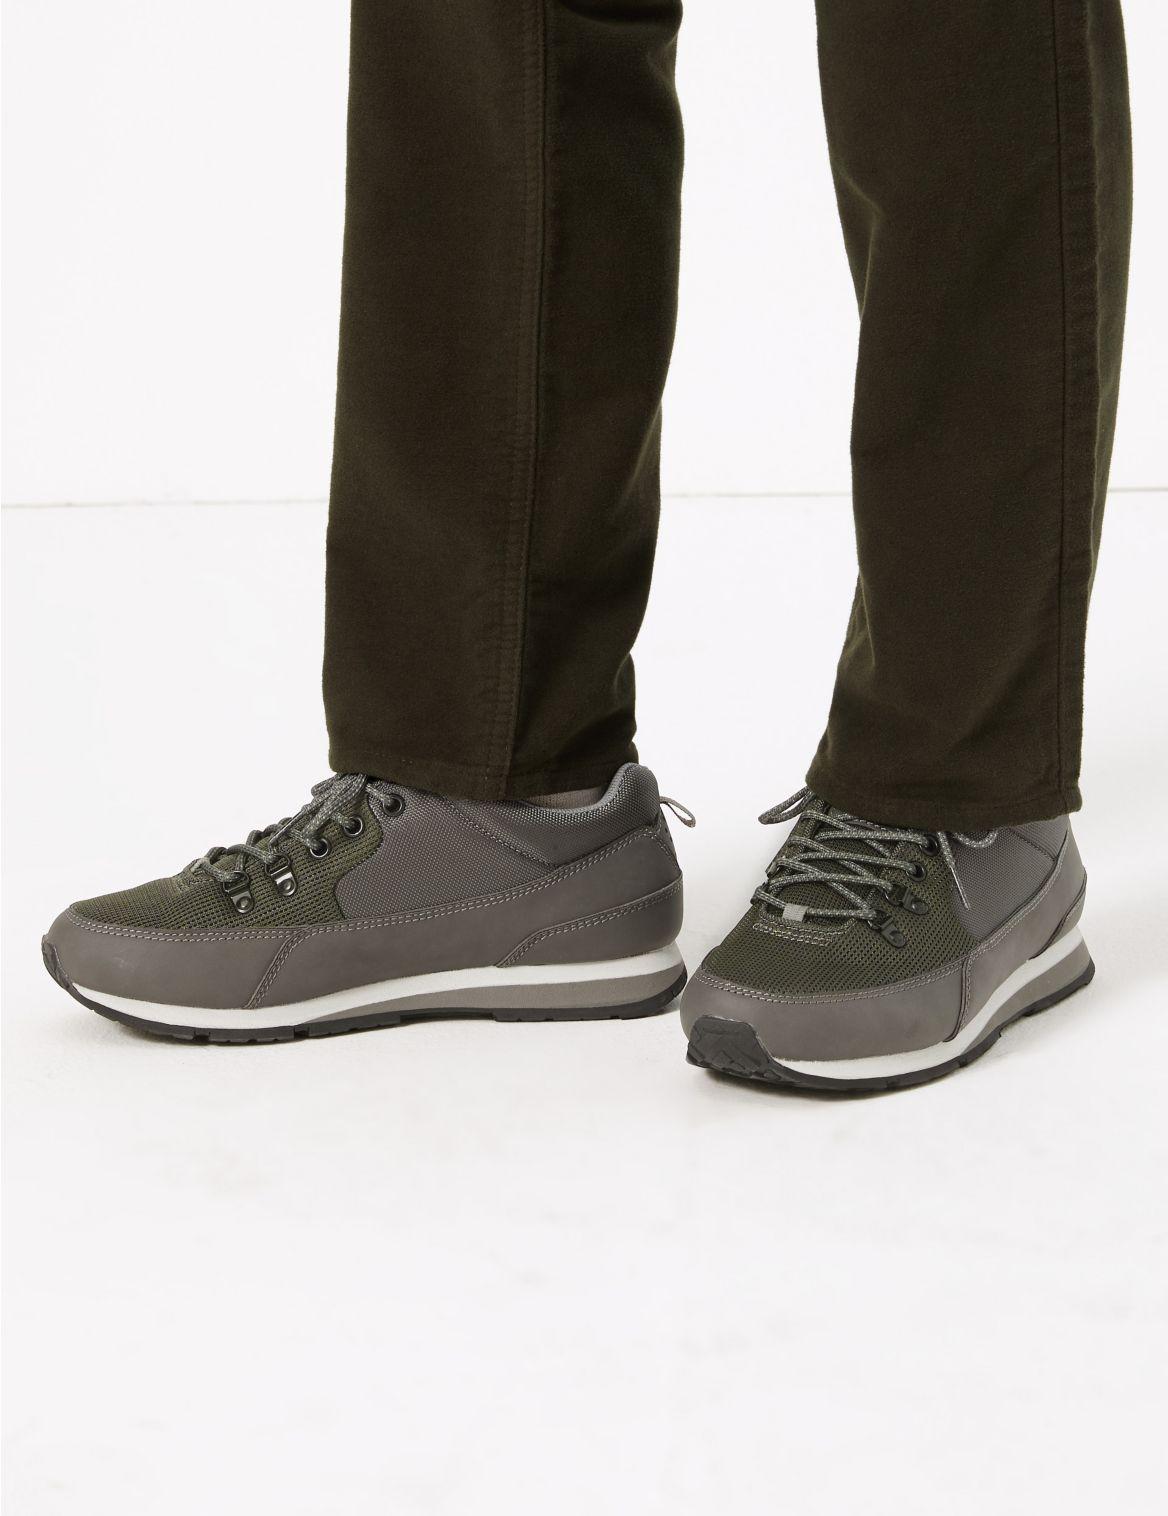 Chaussures de marche style sport. Chaussures de marche style sport